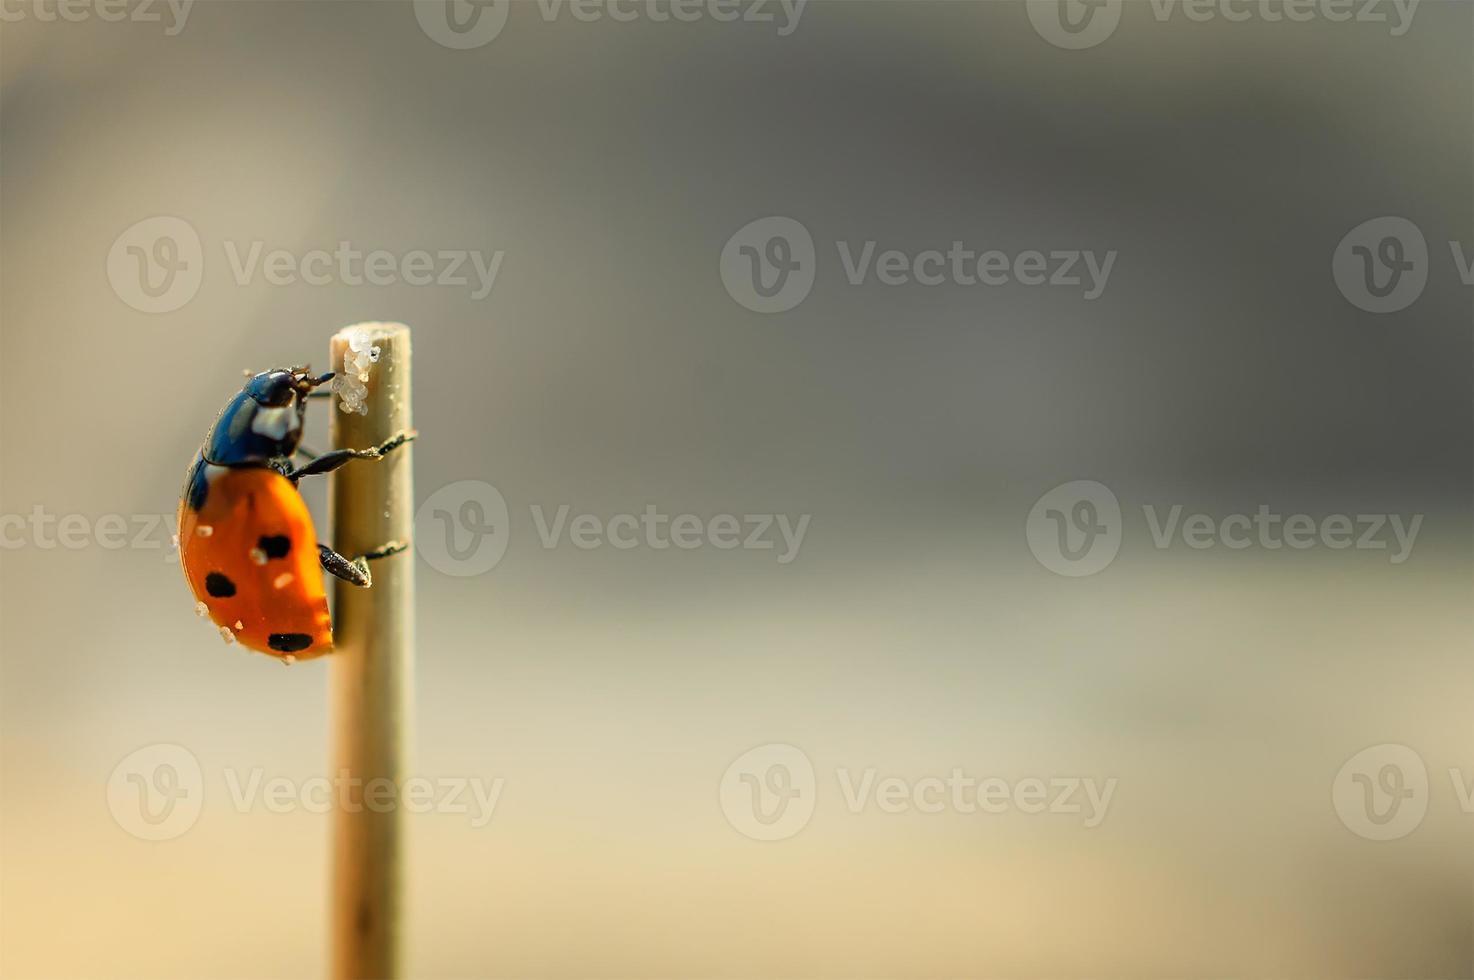 lieveheersbeestje dat de bovenkant van de droge stengel nadert. foto